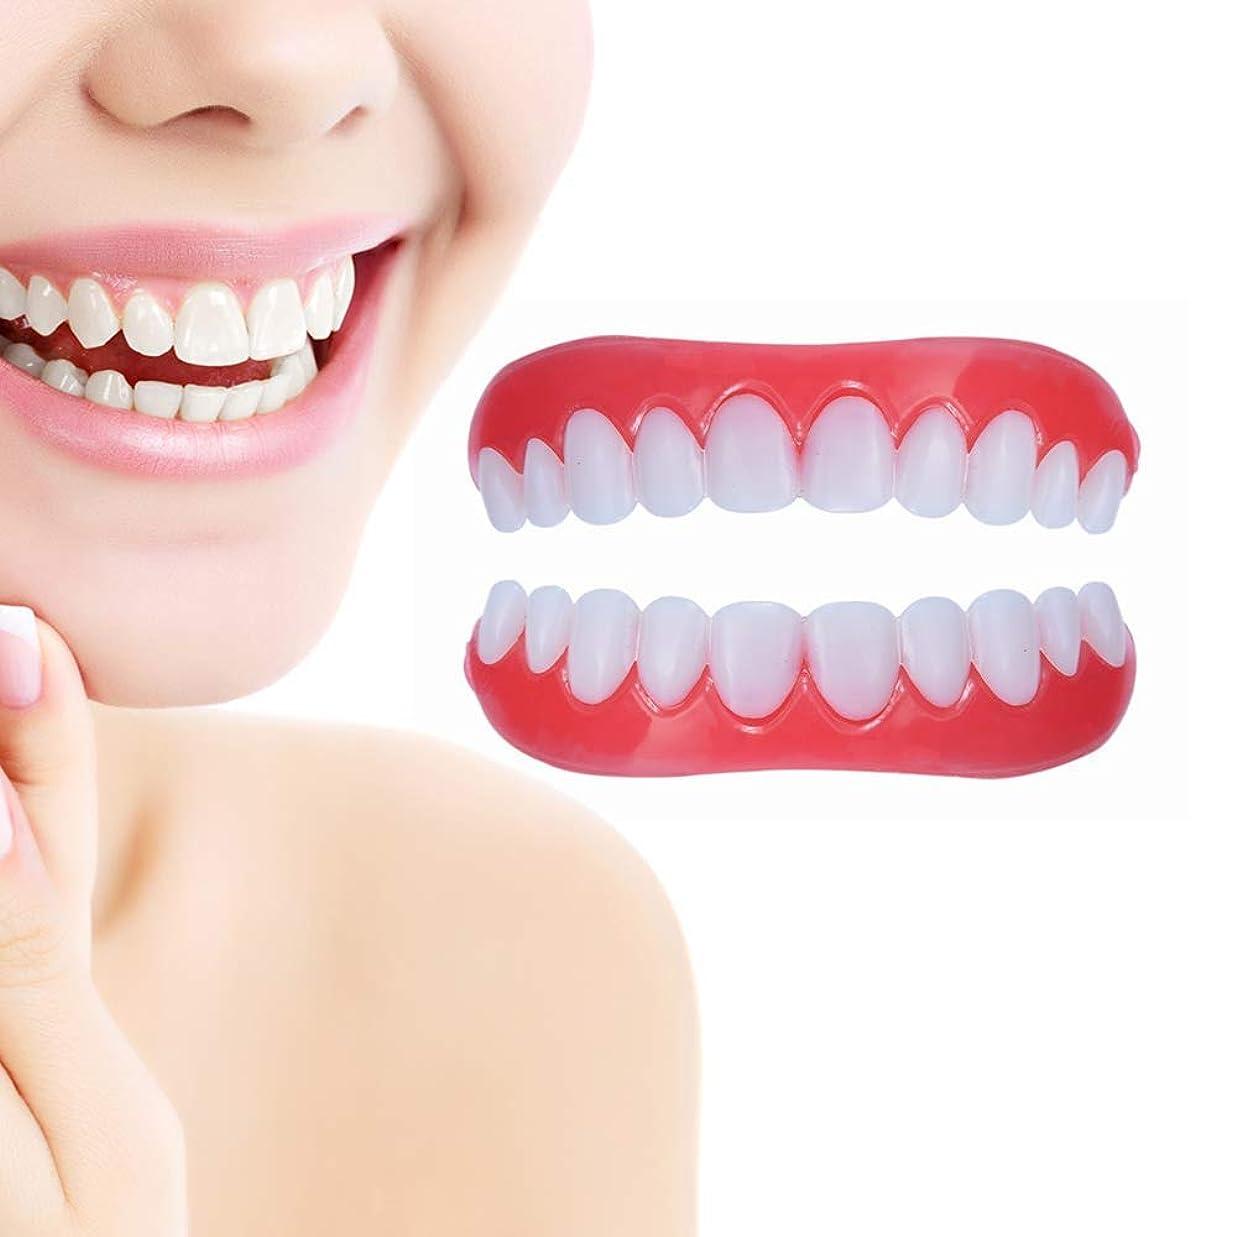 ふざけた社会許される化粧品の歯の白い美しい端正なスナップインインスタントの完璧な笑顔の快適フィットフレックス歯のベニヤブレース義歯(上下用),5Pairs